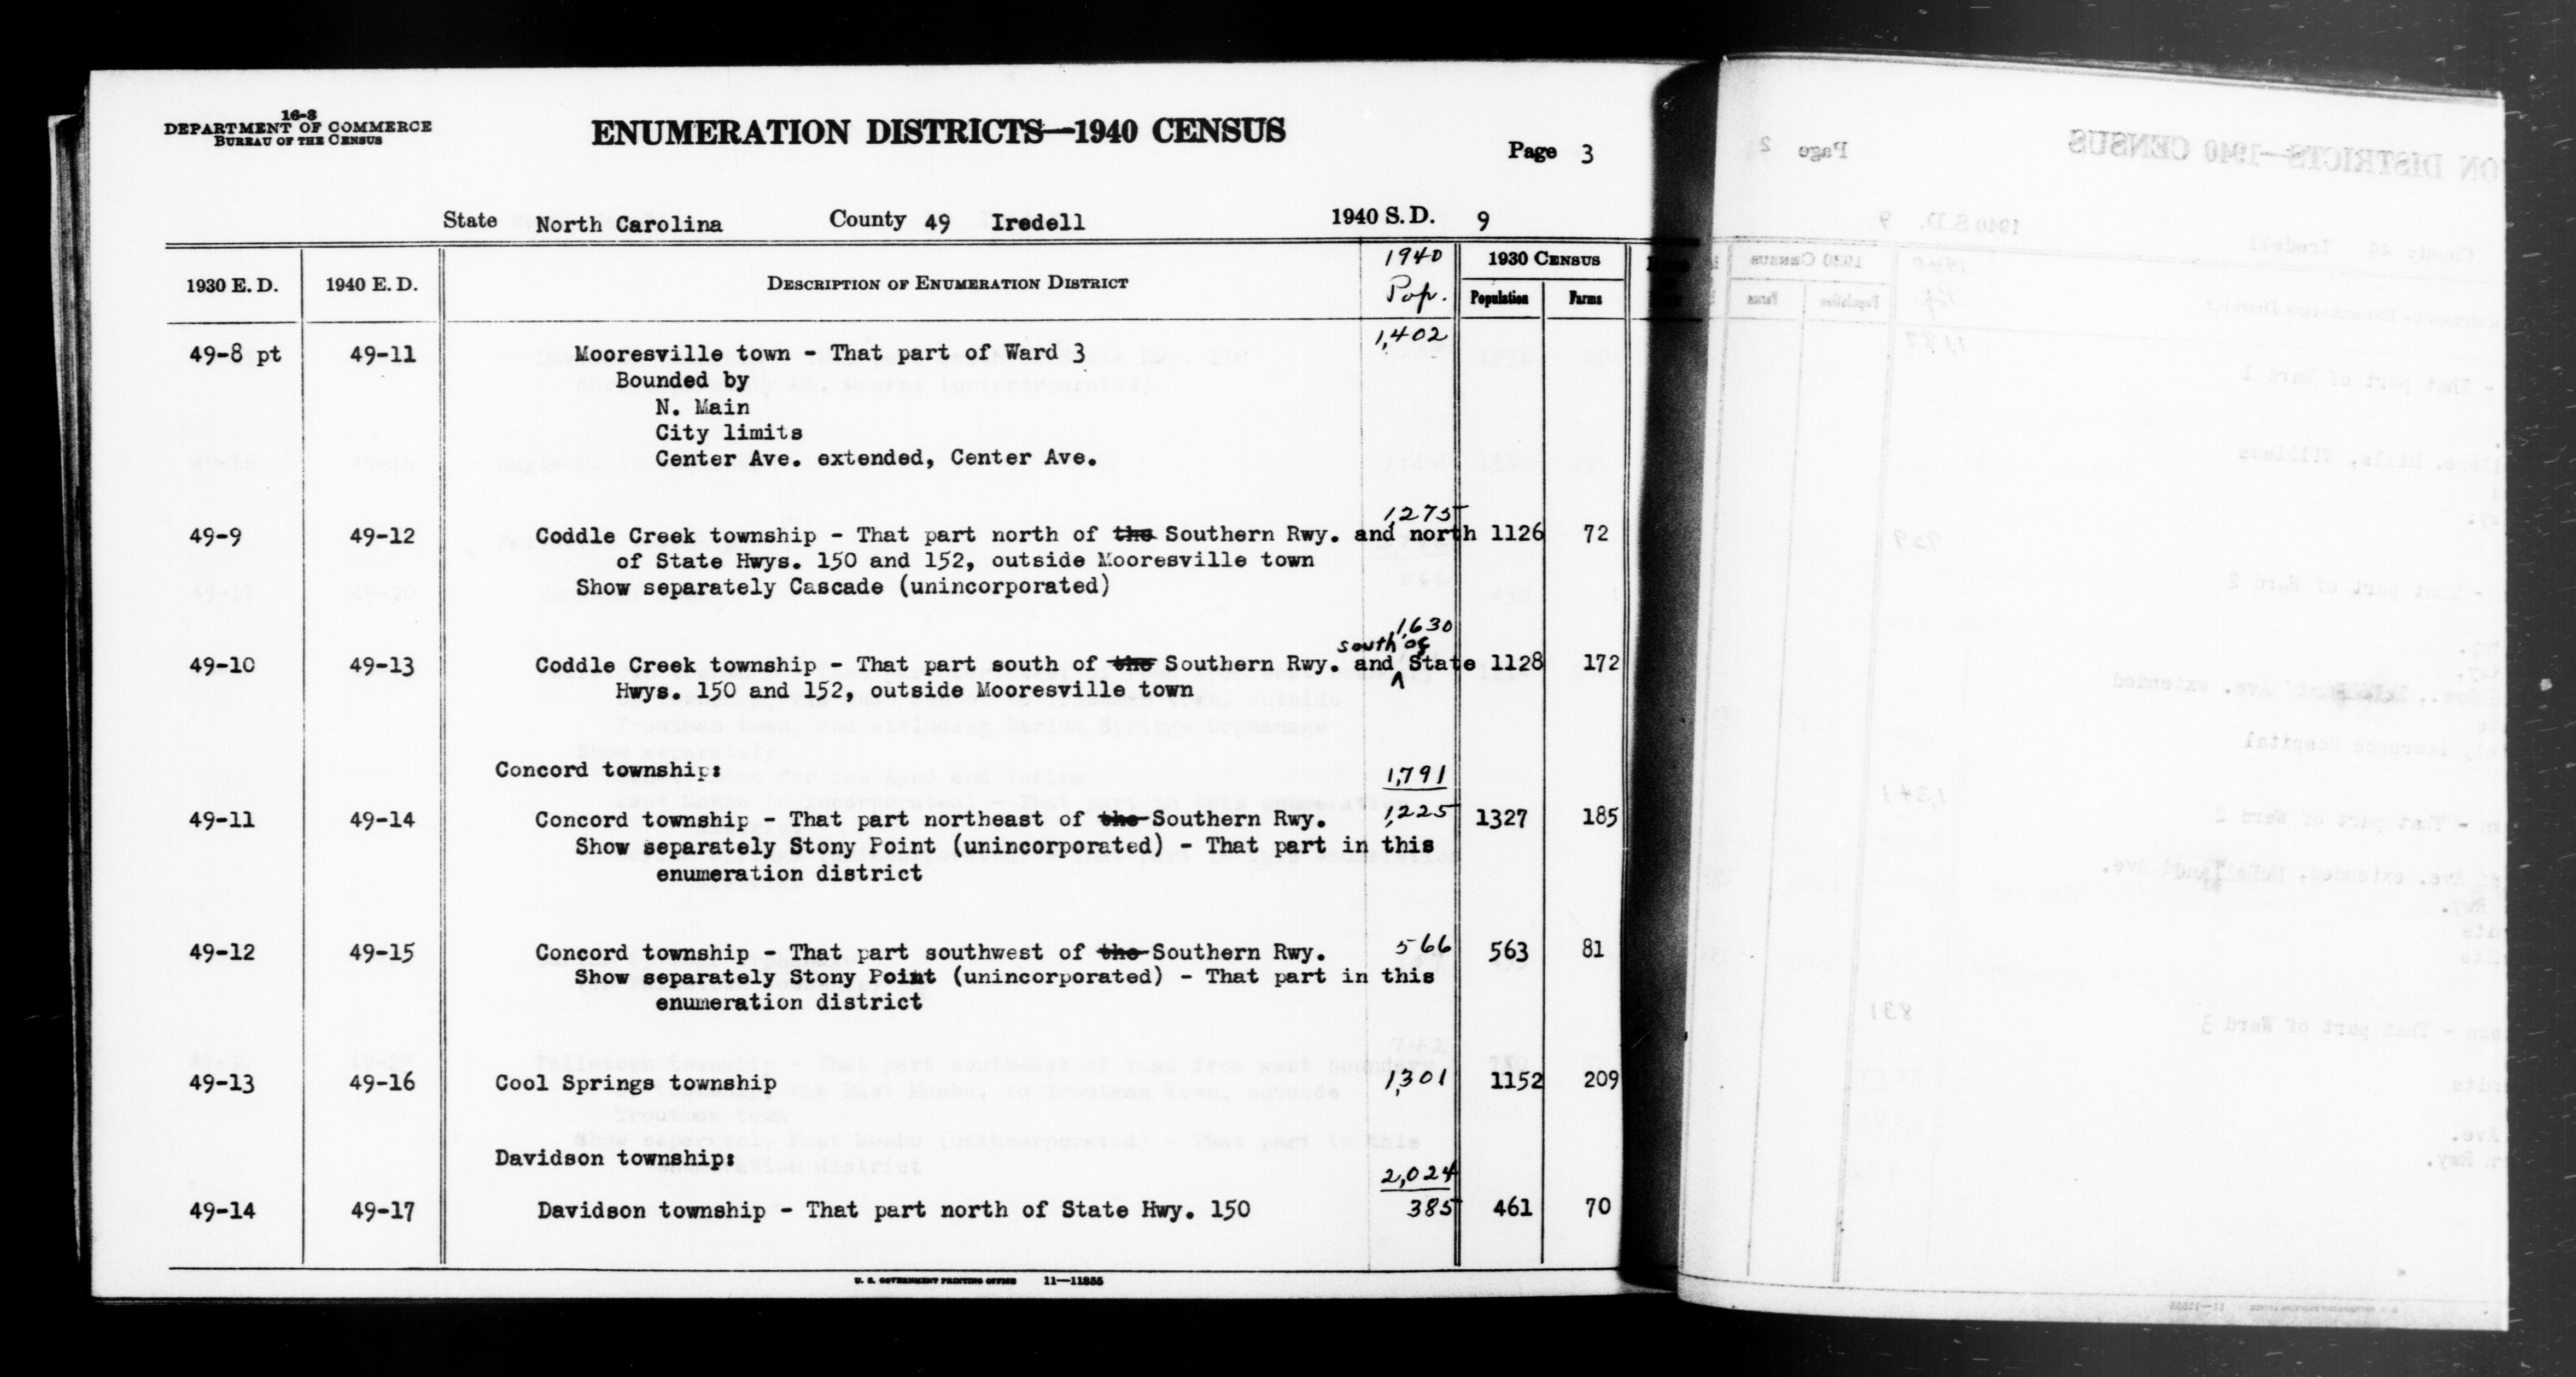 1940 Census Enumeration District Descriptions - North Carolina - Iredell County - ED 49-11, ED 49-12, ED 49-13, ED 49-14, ED 49-15, ED 49-16, ED 49-17